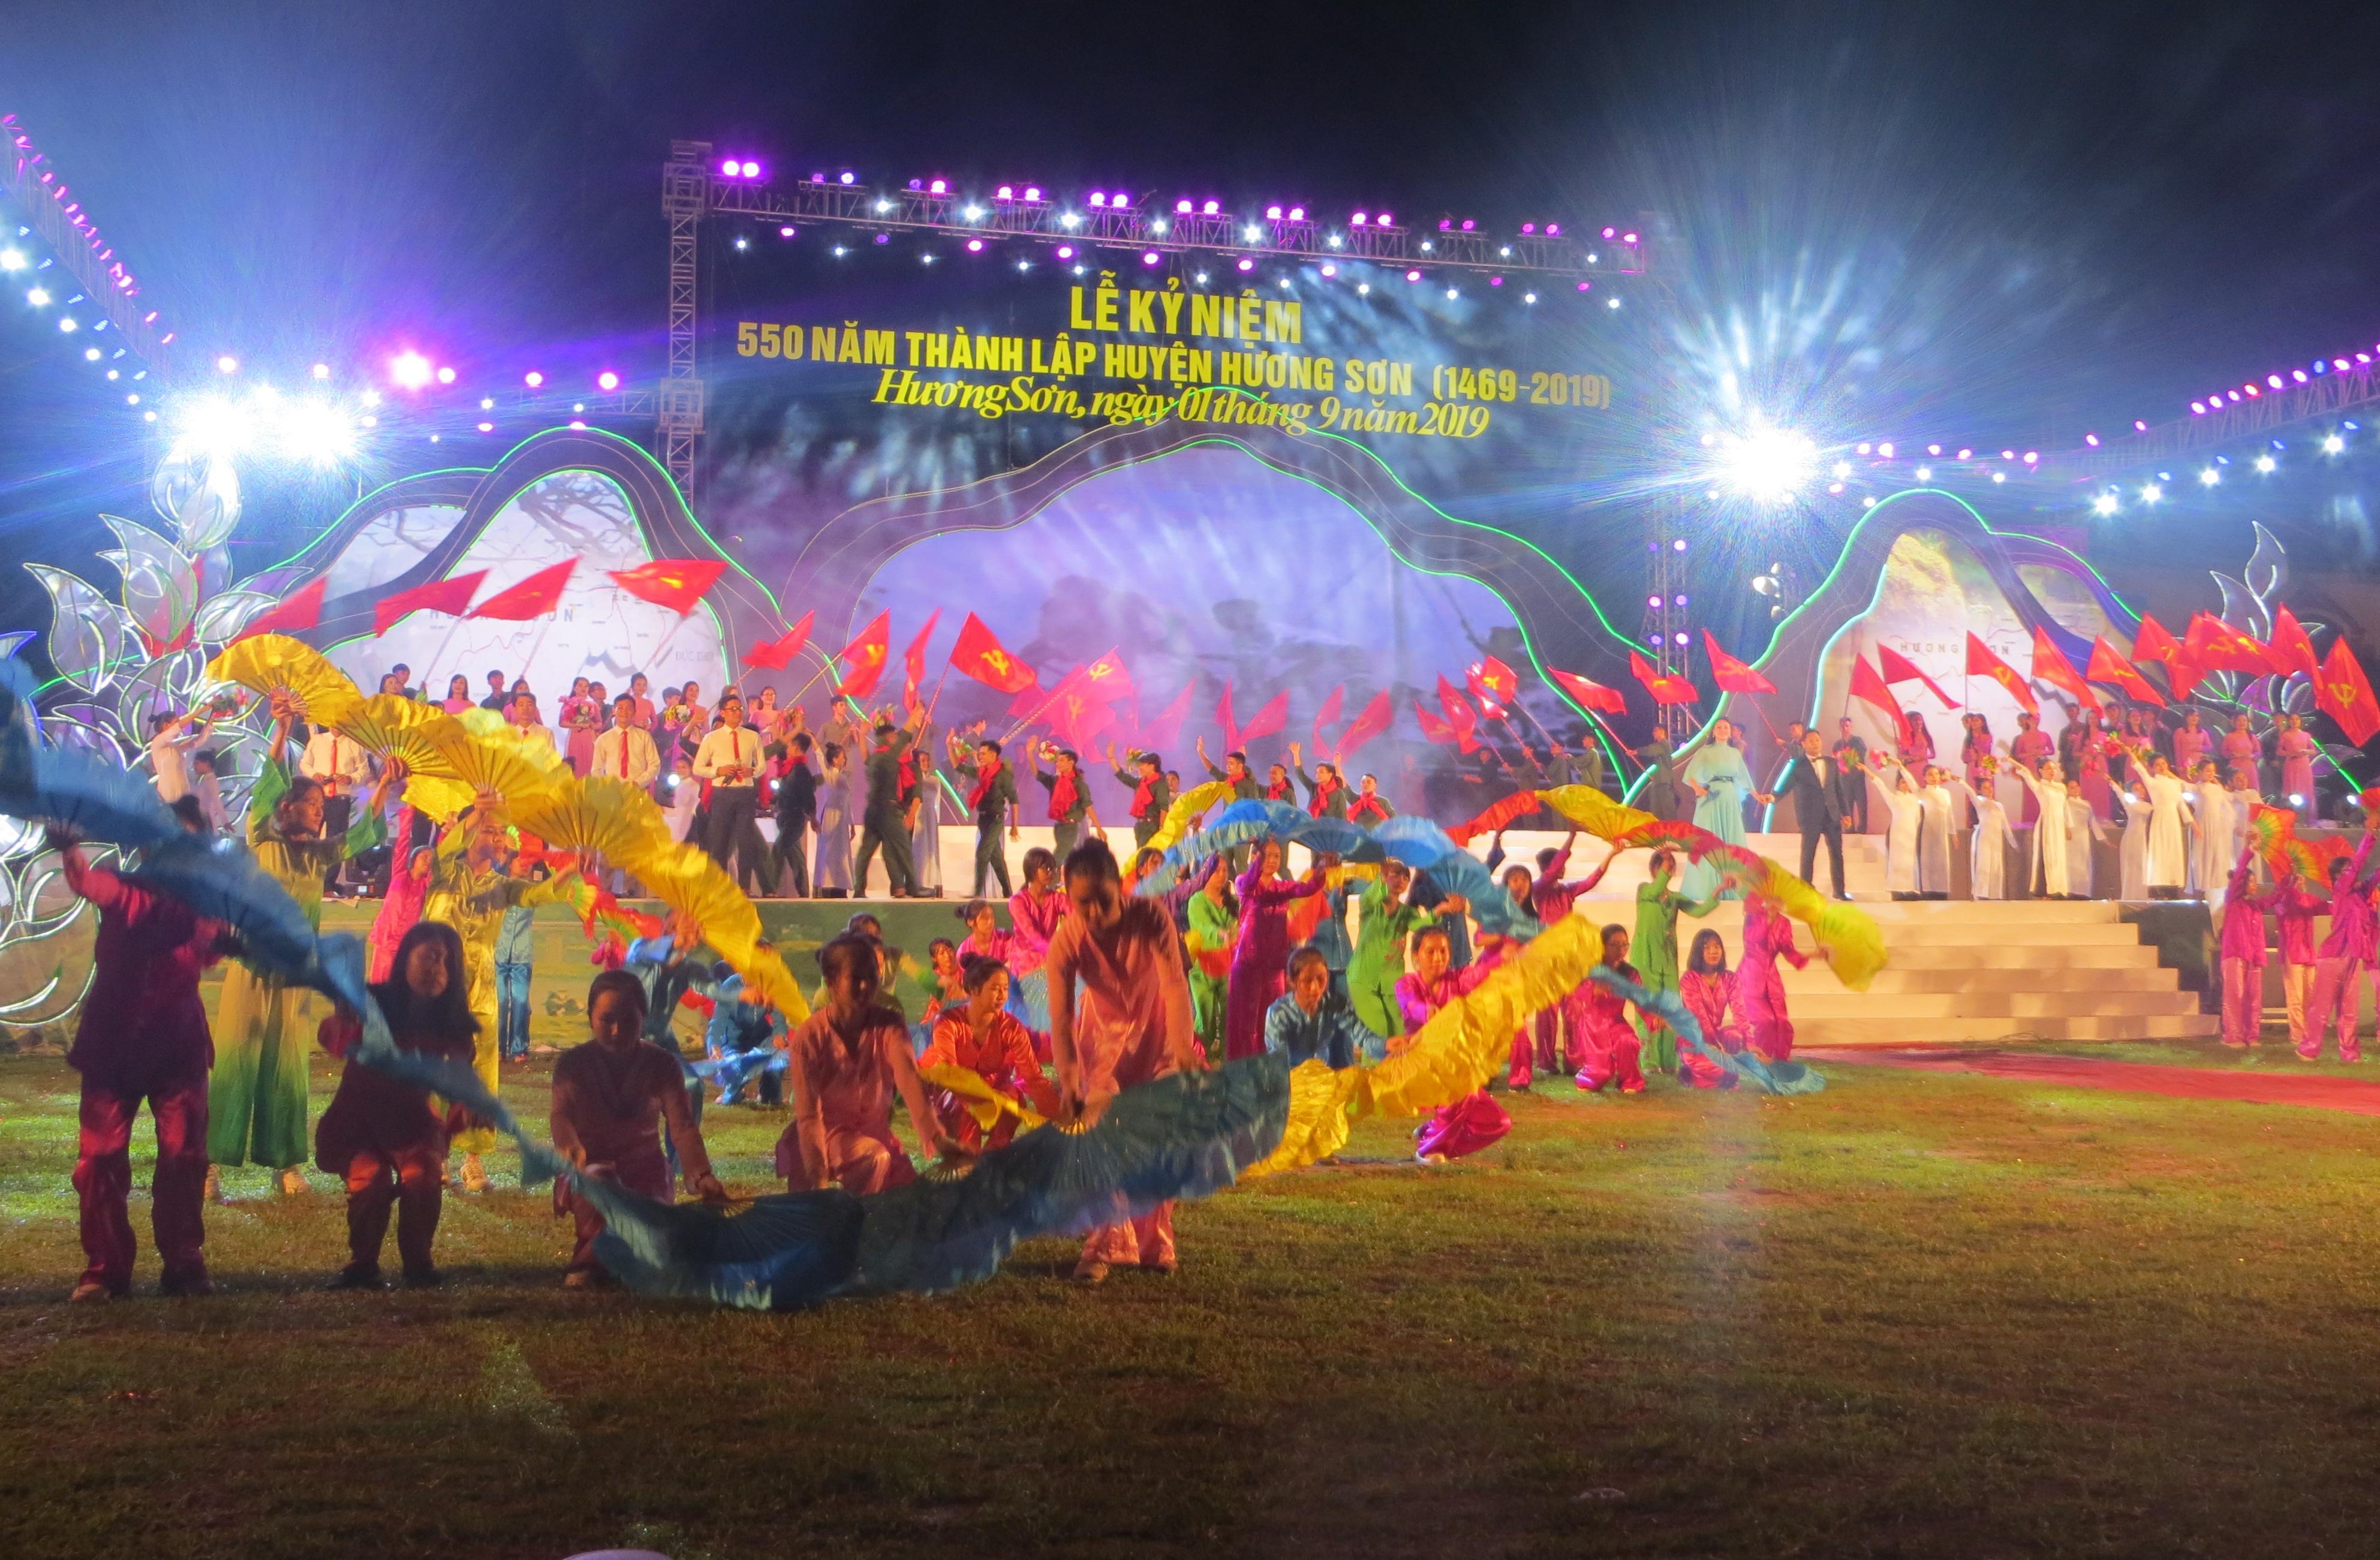 Hương Sơn kỷ niệm 550 năm ngày thành lập